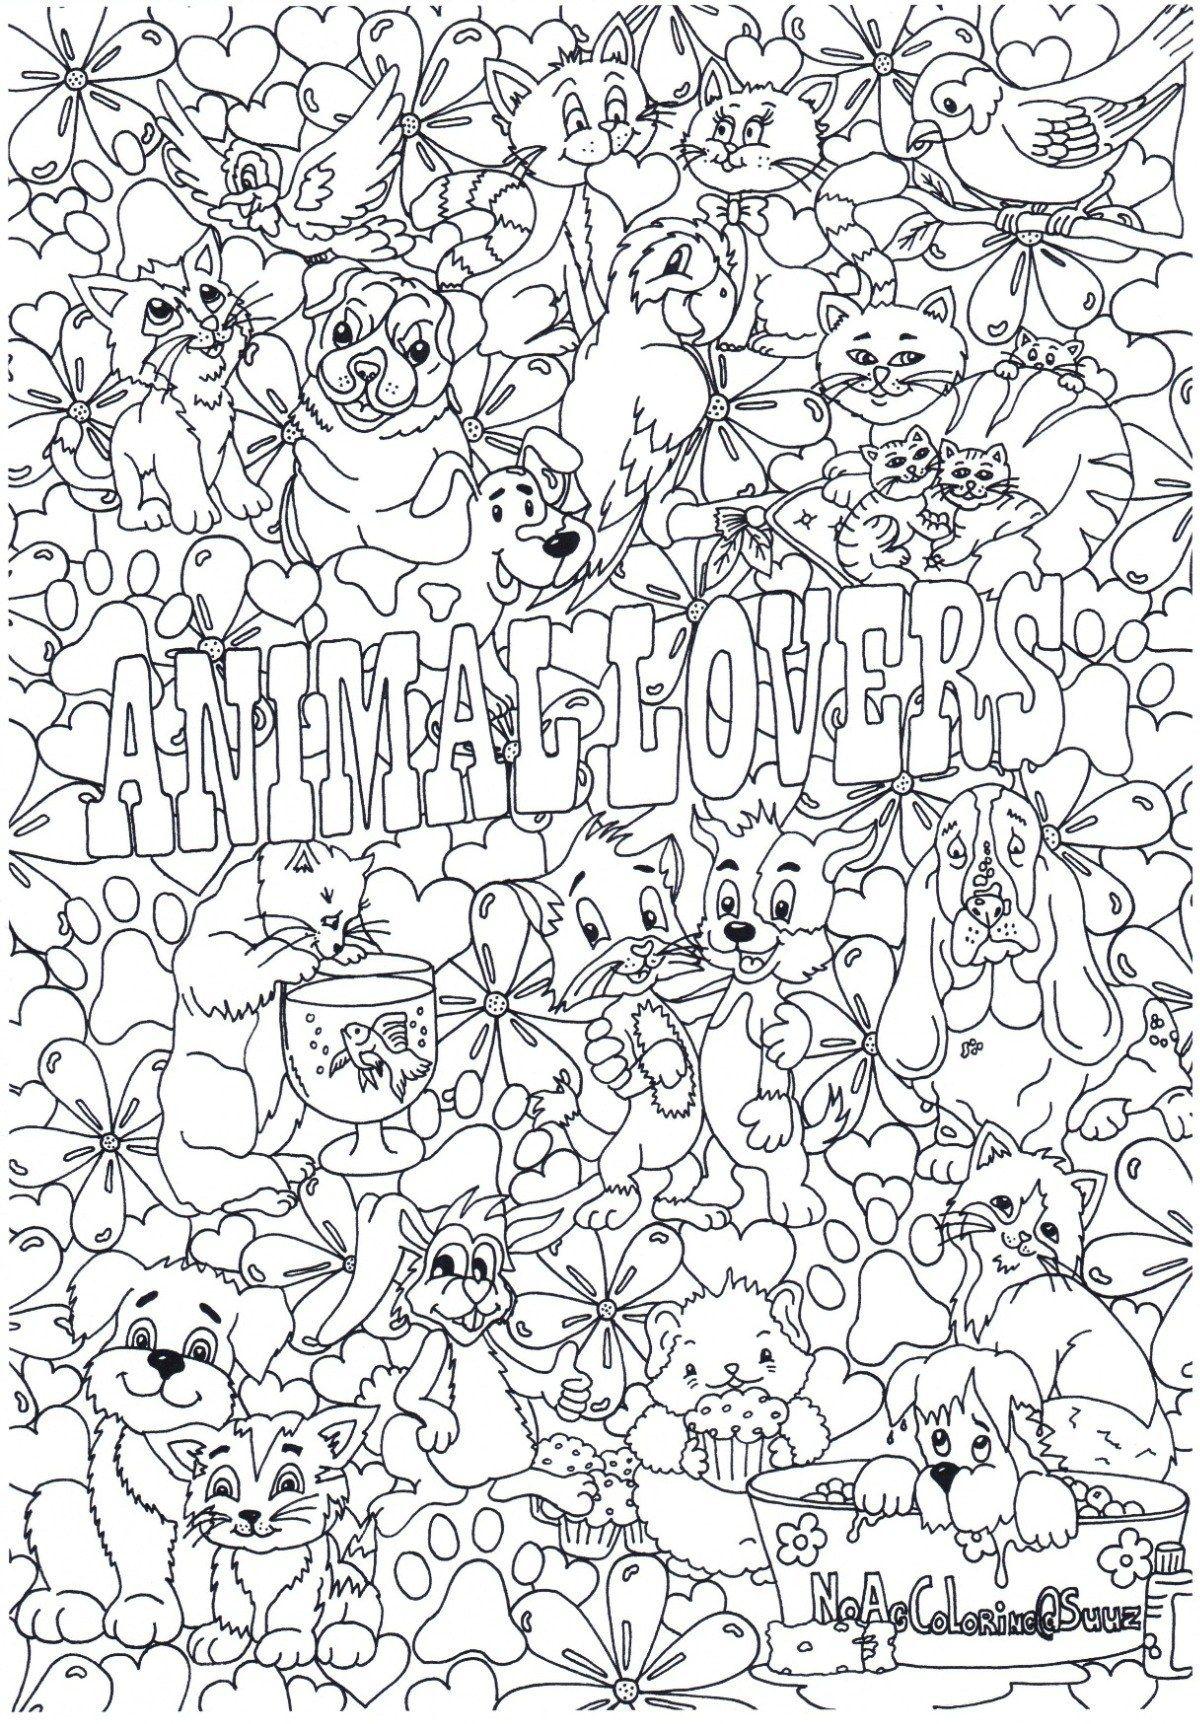 10 Prachtige Dieren Kleurplaten Kleurplaten Kleuren Creatief Kleurplaat Mirelle Creametkids Dieren Kleurplaten Kleurplaten Gratis Kleurplaten